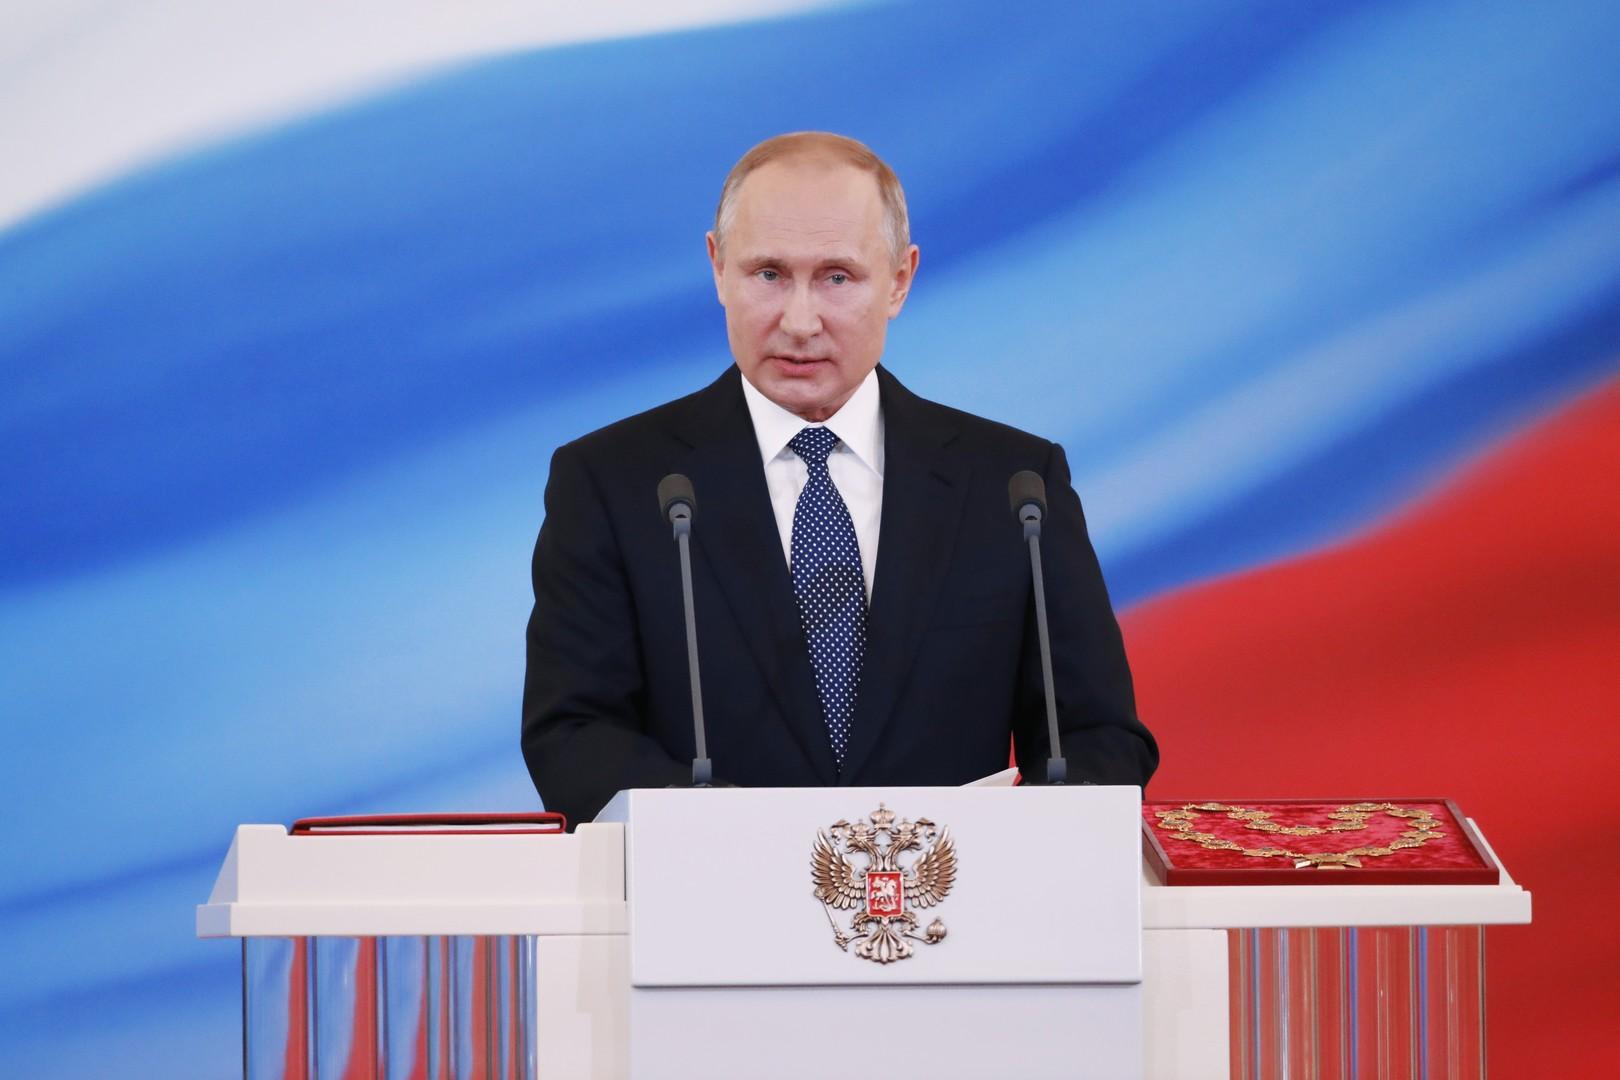 Vladimir Poutine officiellement investi pour son quatrième mandat présidentiel